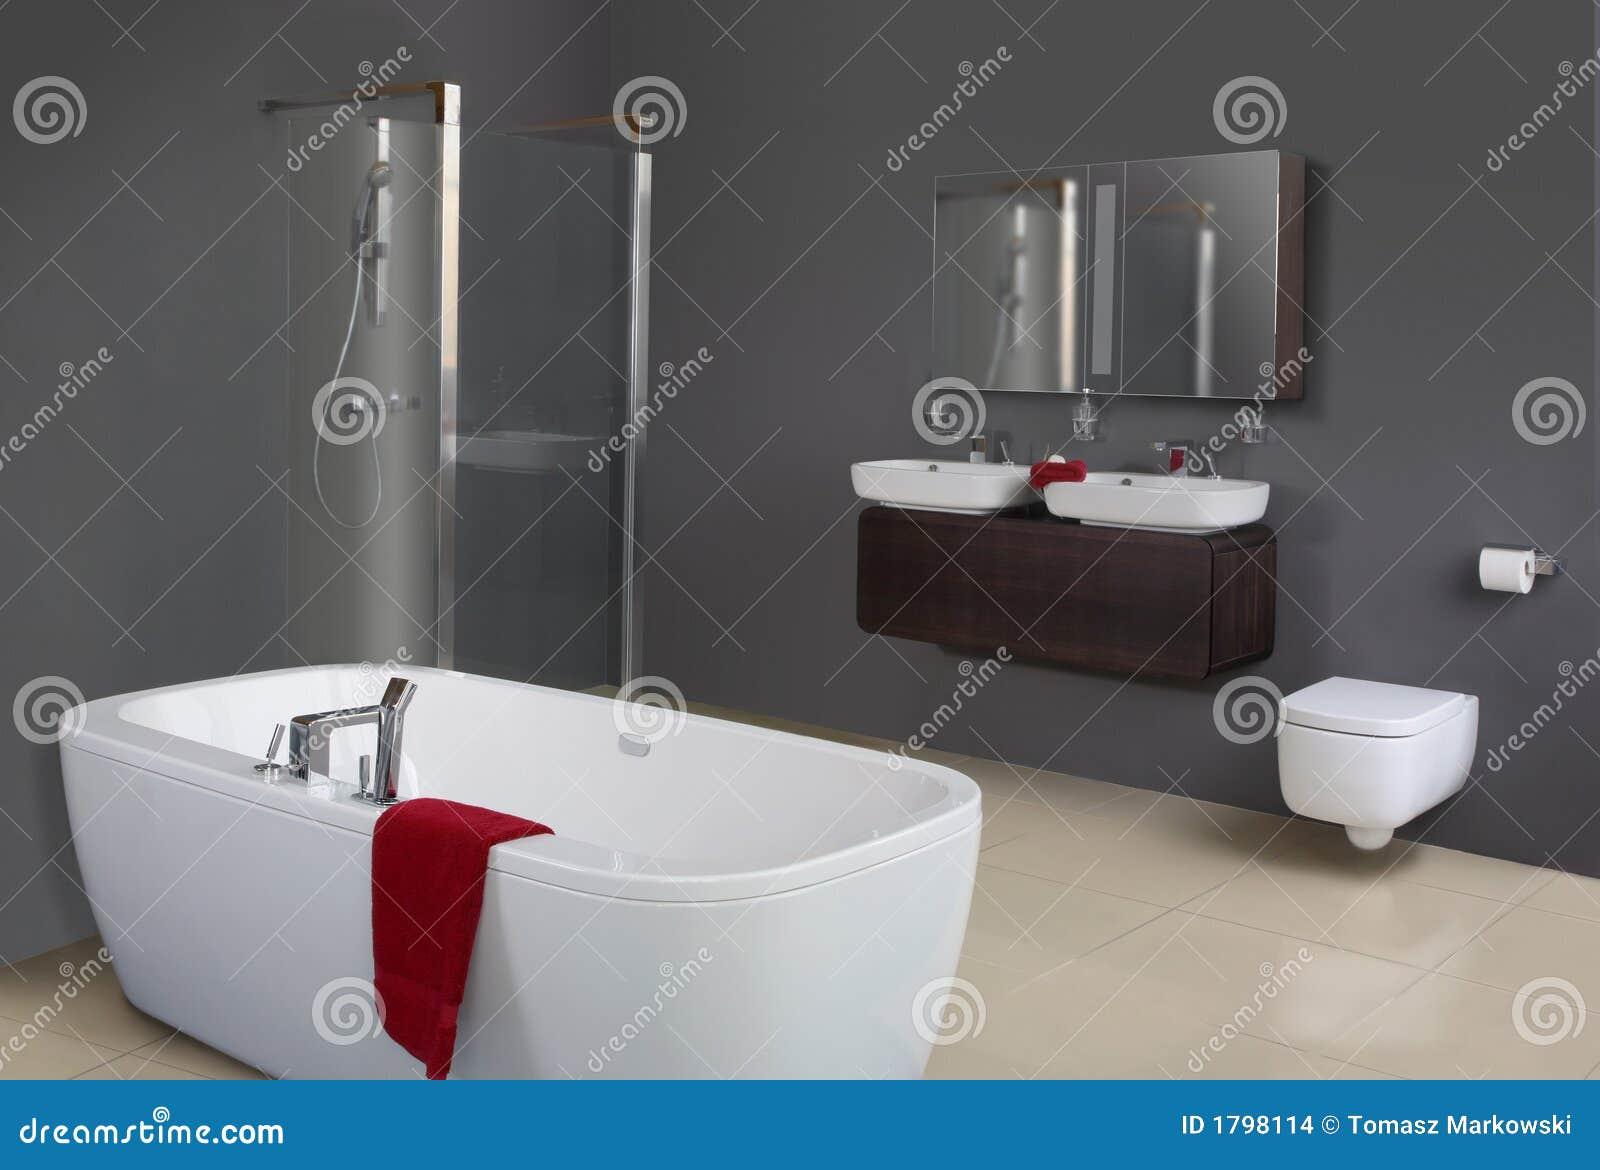 Cuarto De Baño Gris Moderno Imagenes de archivo - Imagen ...